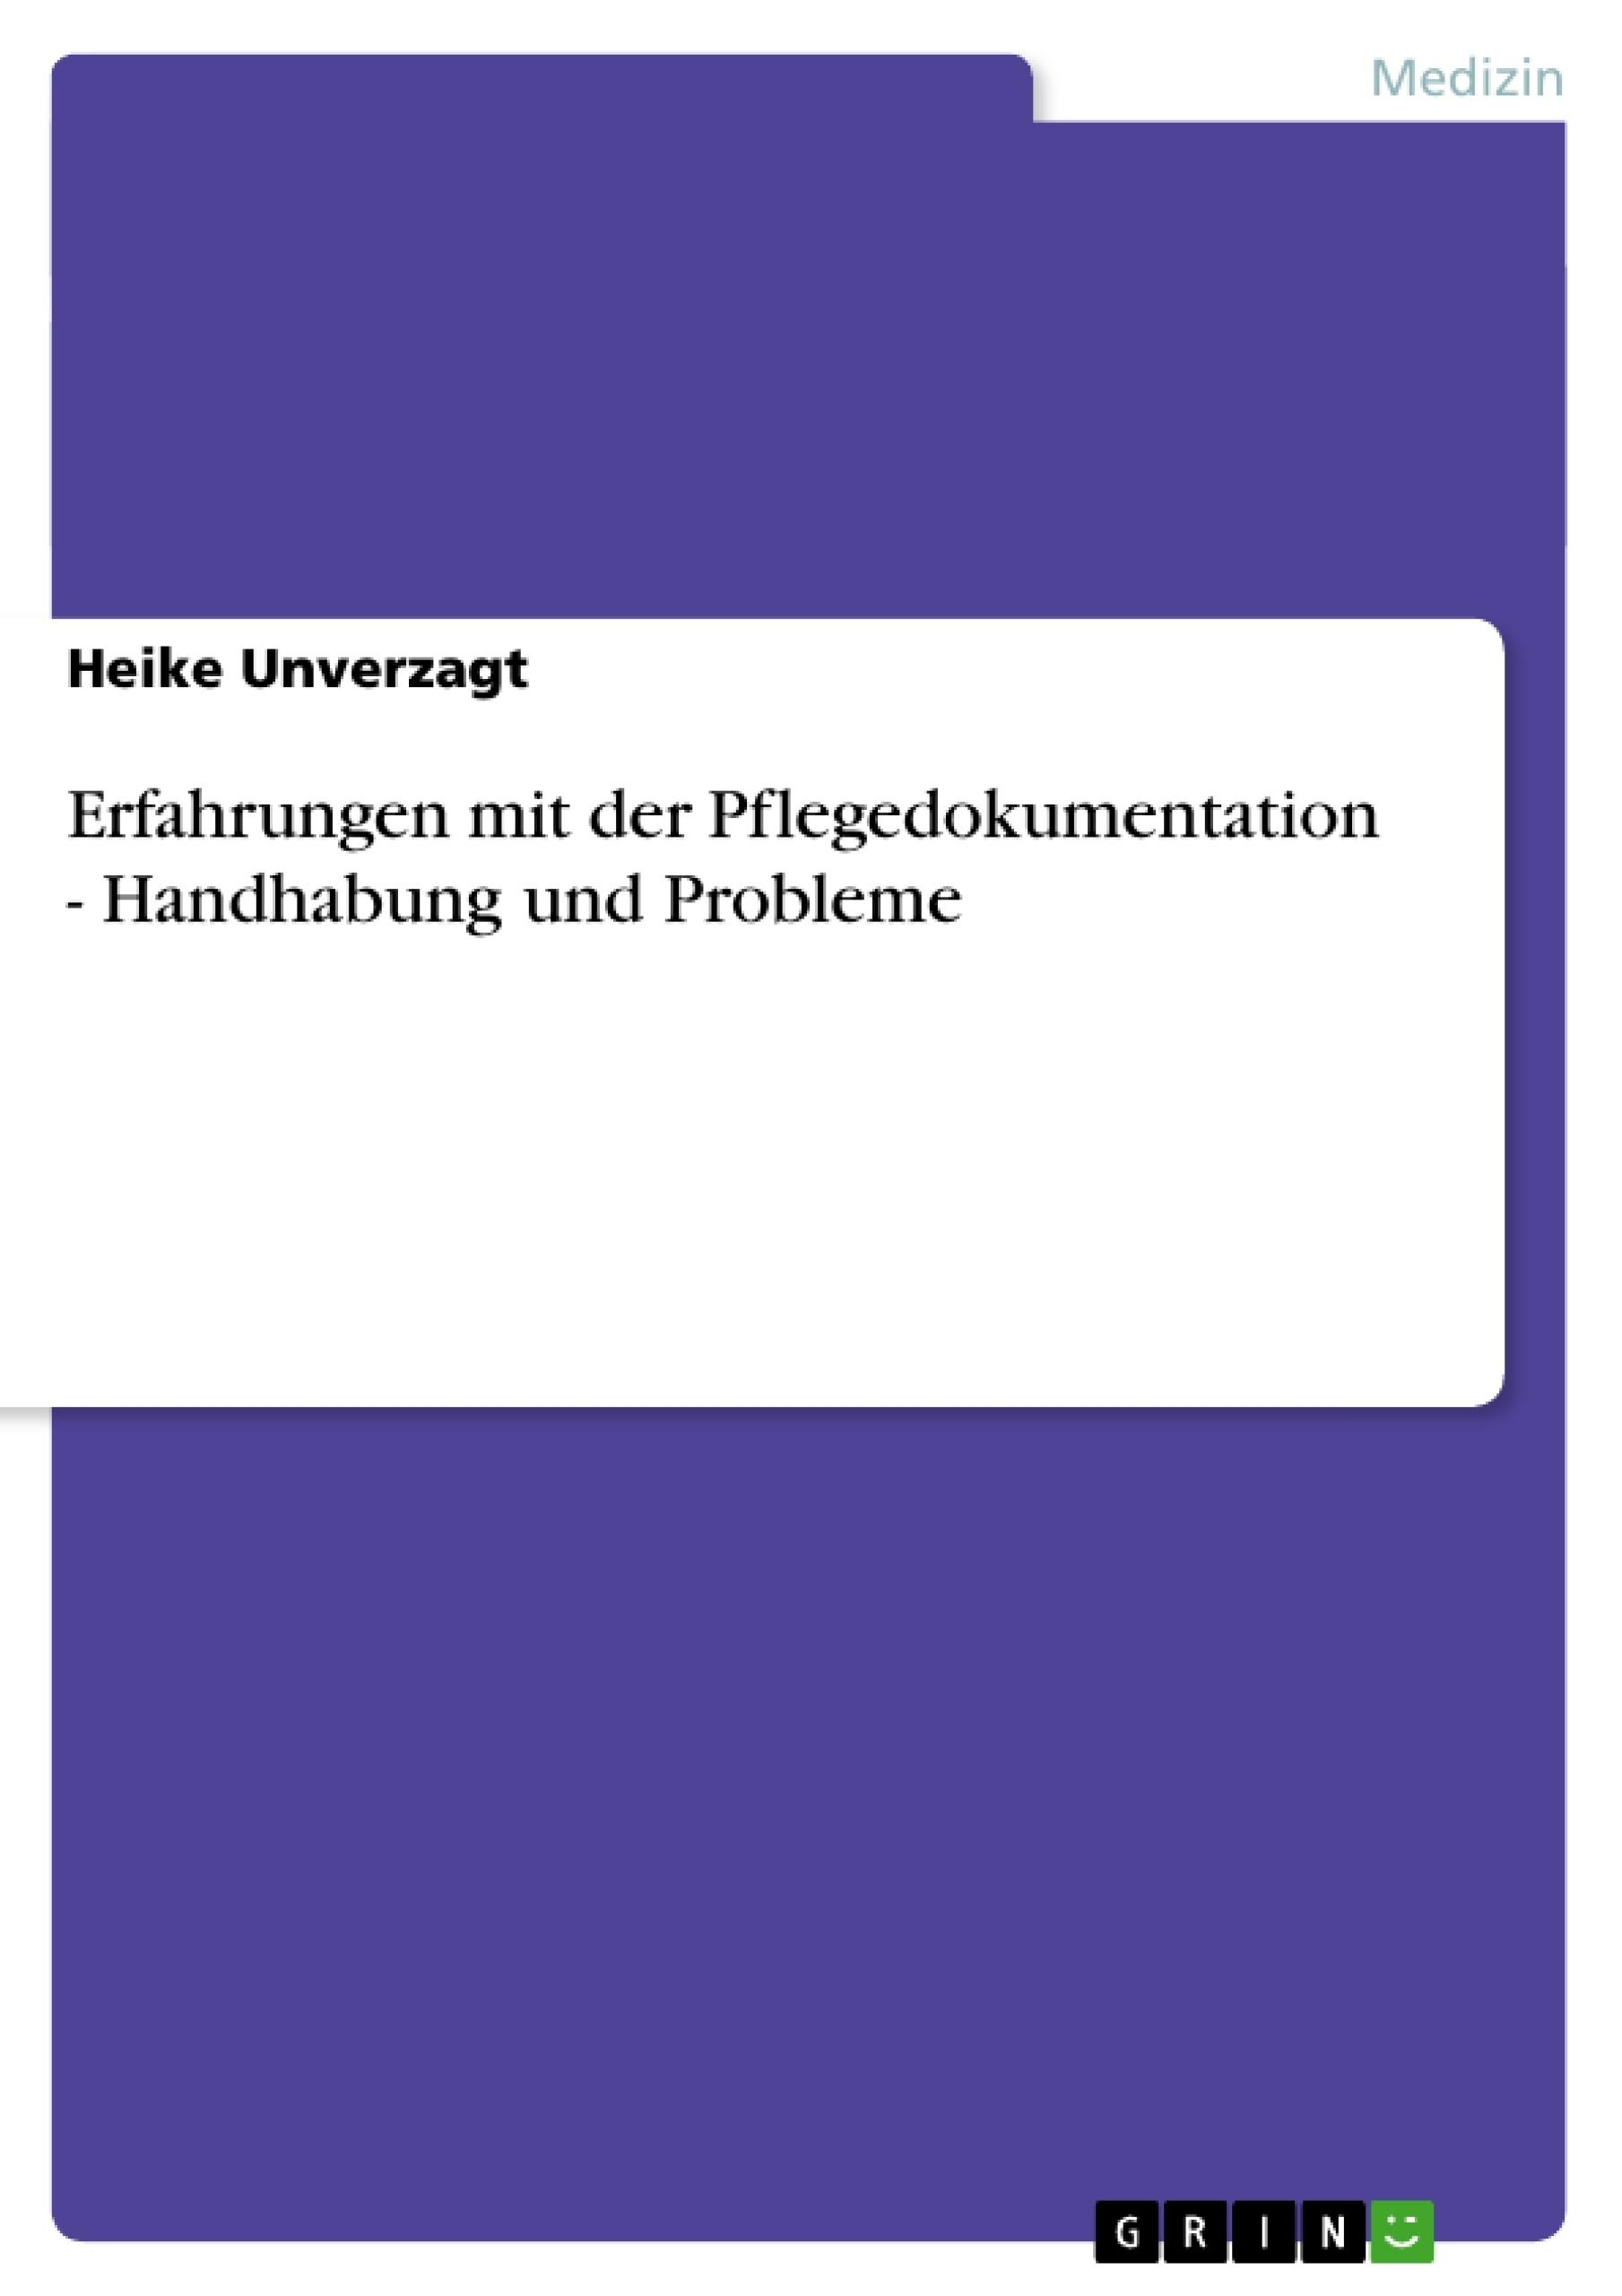 Titel: Erfahrungen mit der Pflegedokumentation - Handhabung und Probleme